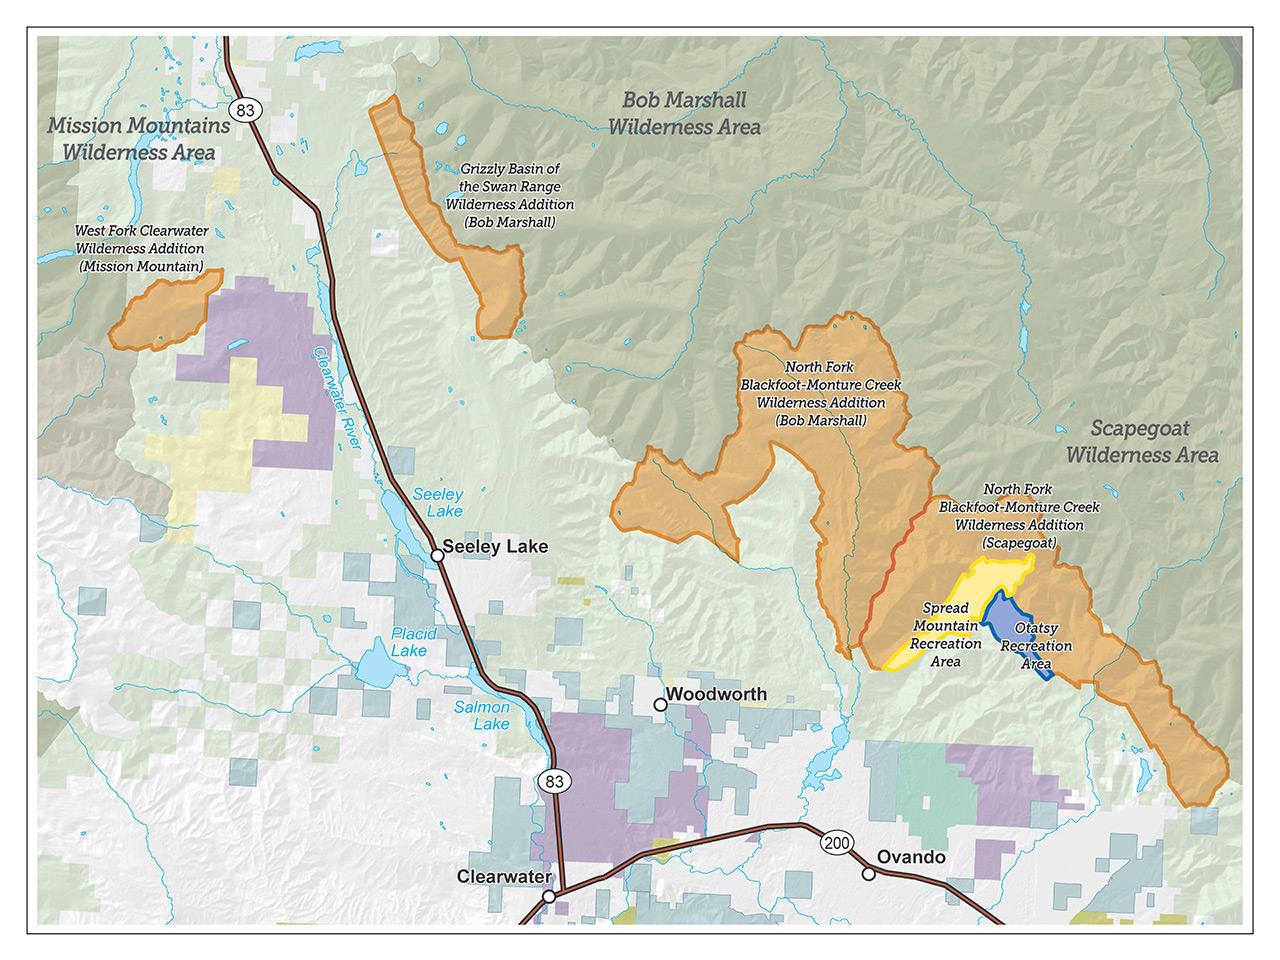 Montana Wilderness Bills Get First Senate Hearing | MTPR